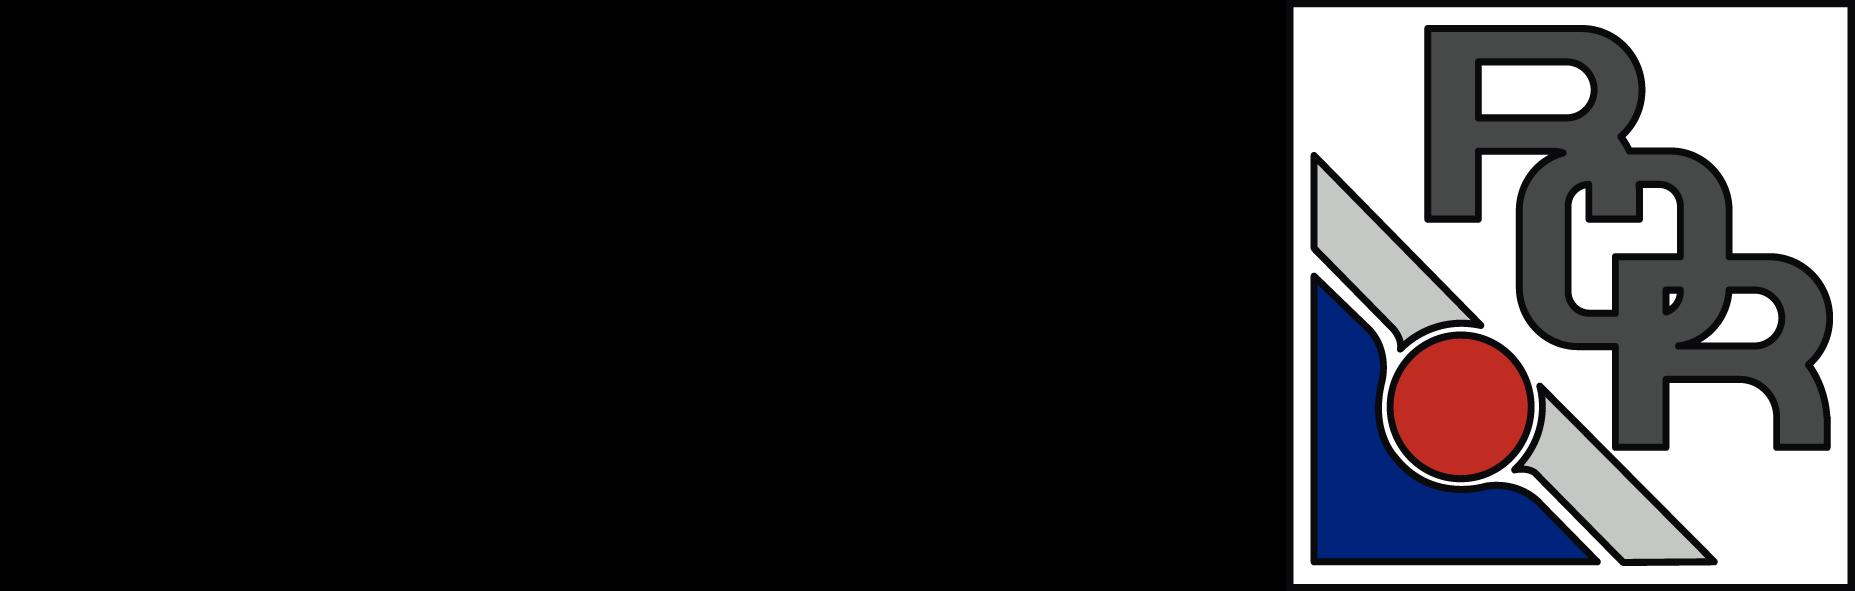 Assali Stefen brand logo